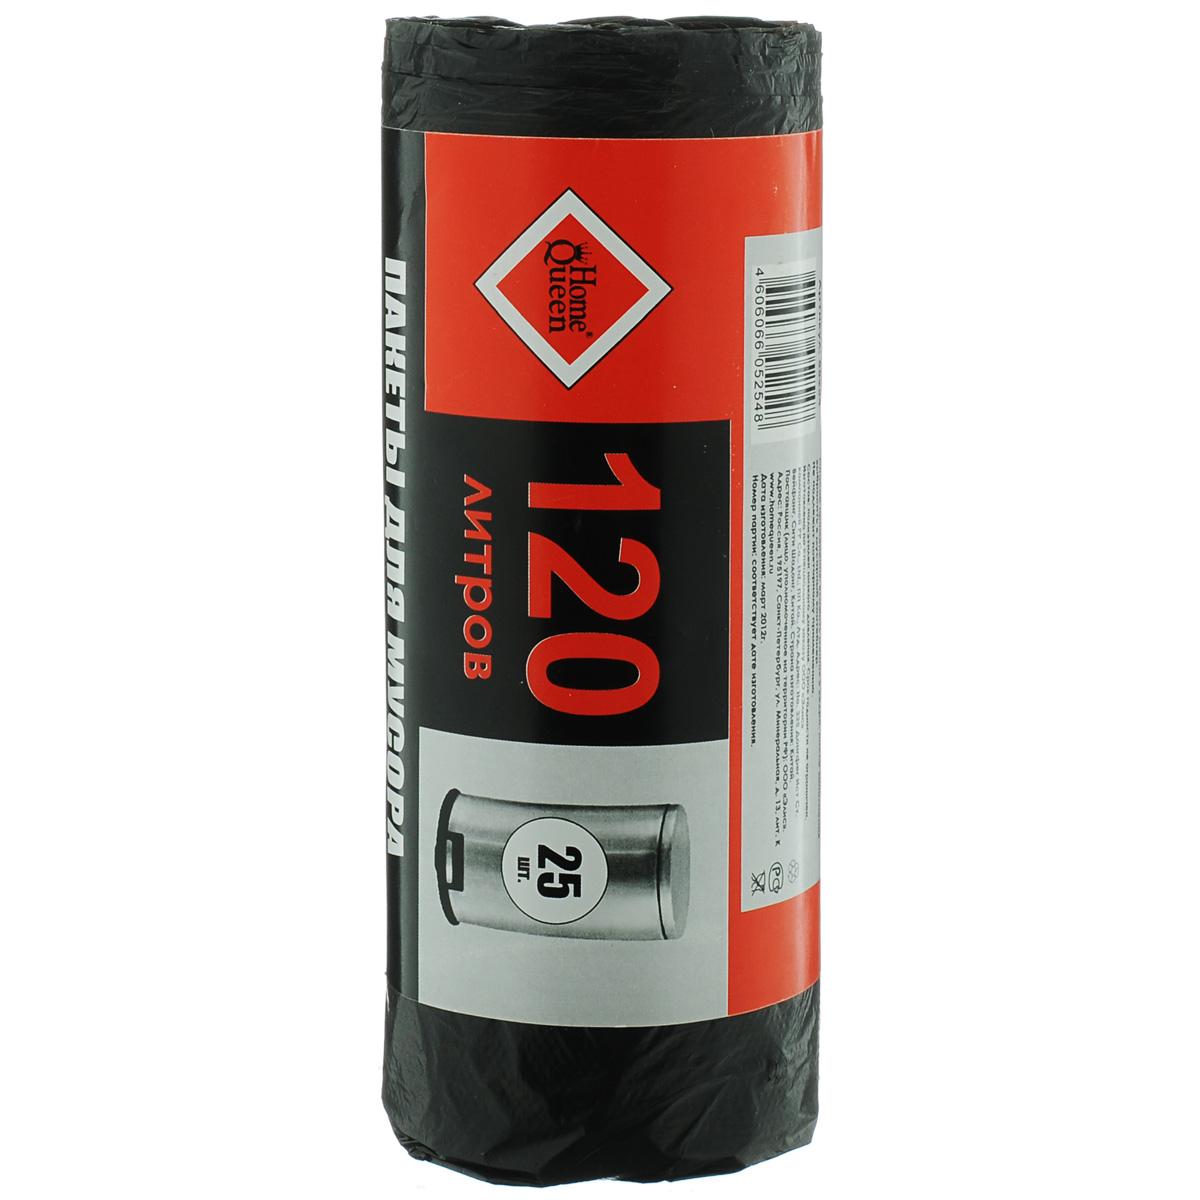 Пакеты для мусора Home Queen, 120 л, 25 шт пакеты д мусора премиум повышенной прочности 30л в пластах 20 шт 930984